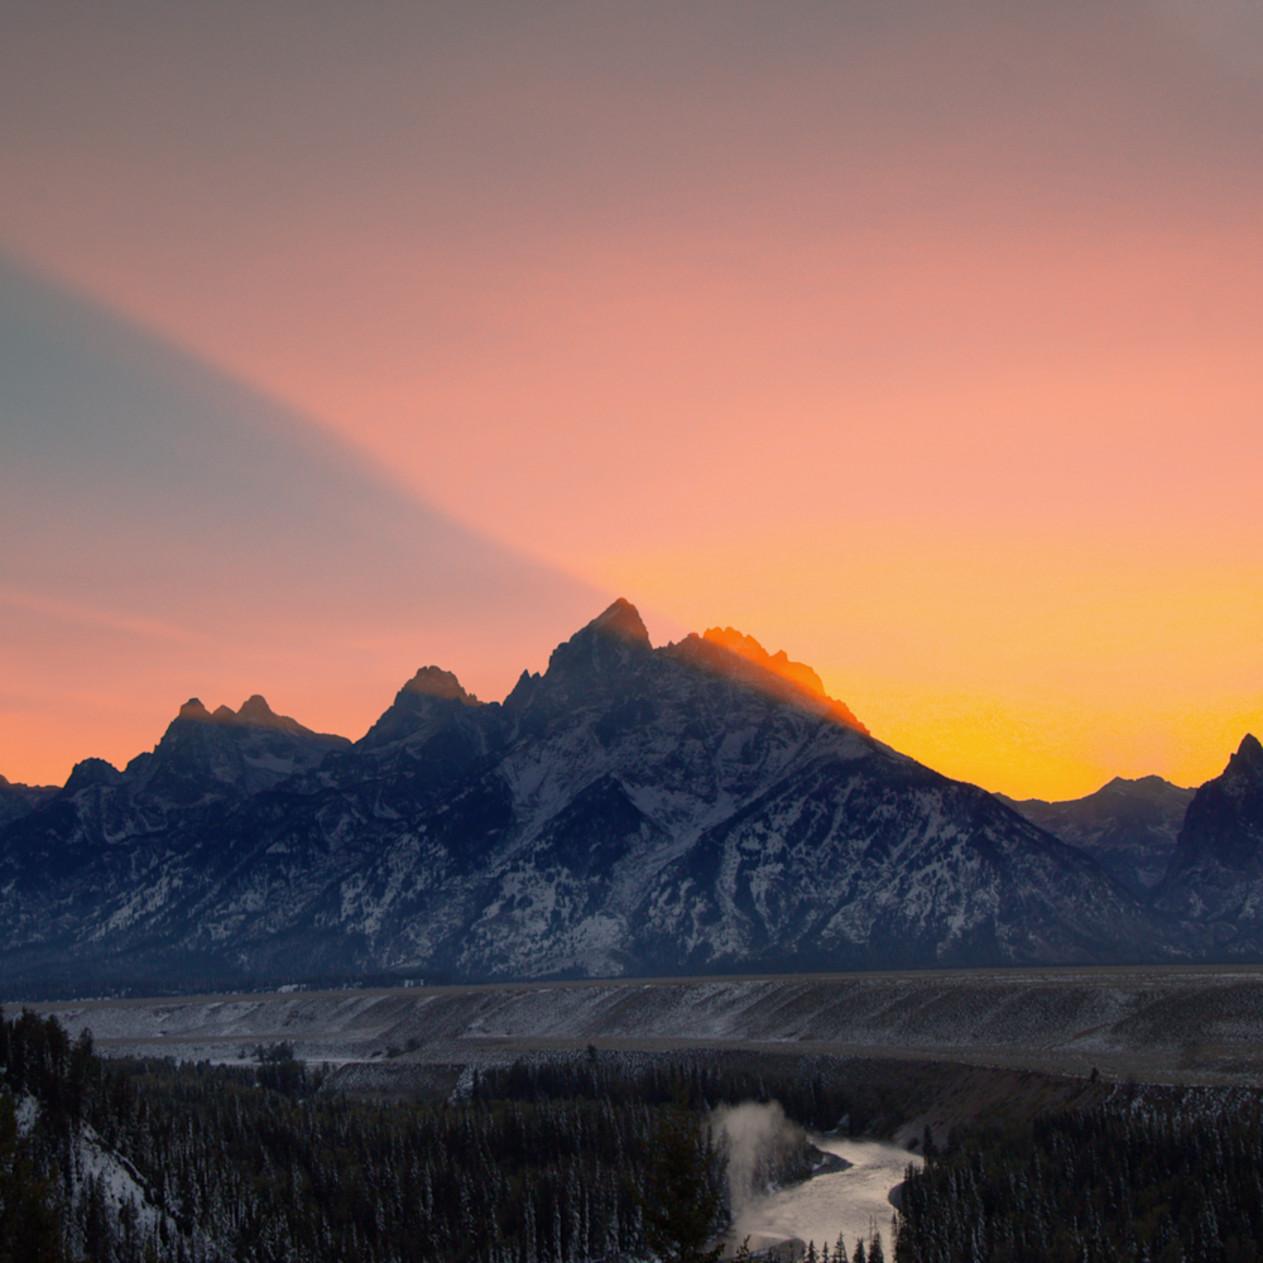 Teton sunset hqnoym